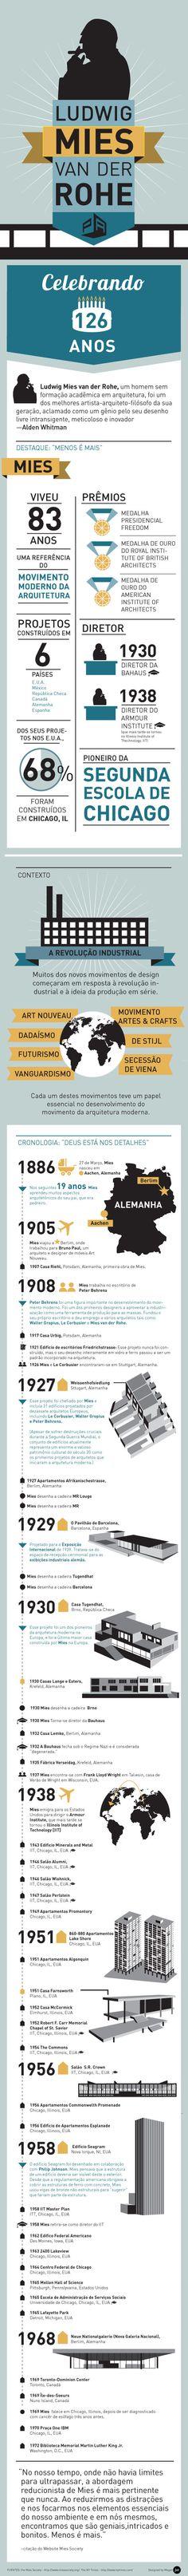 Infográfico: 126º Aniversário Mies van der Rohe | ArchDaily Brasil